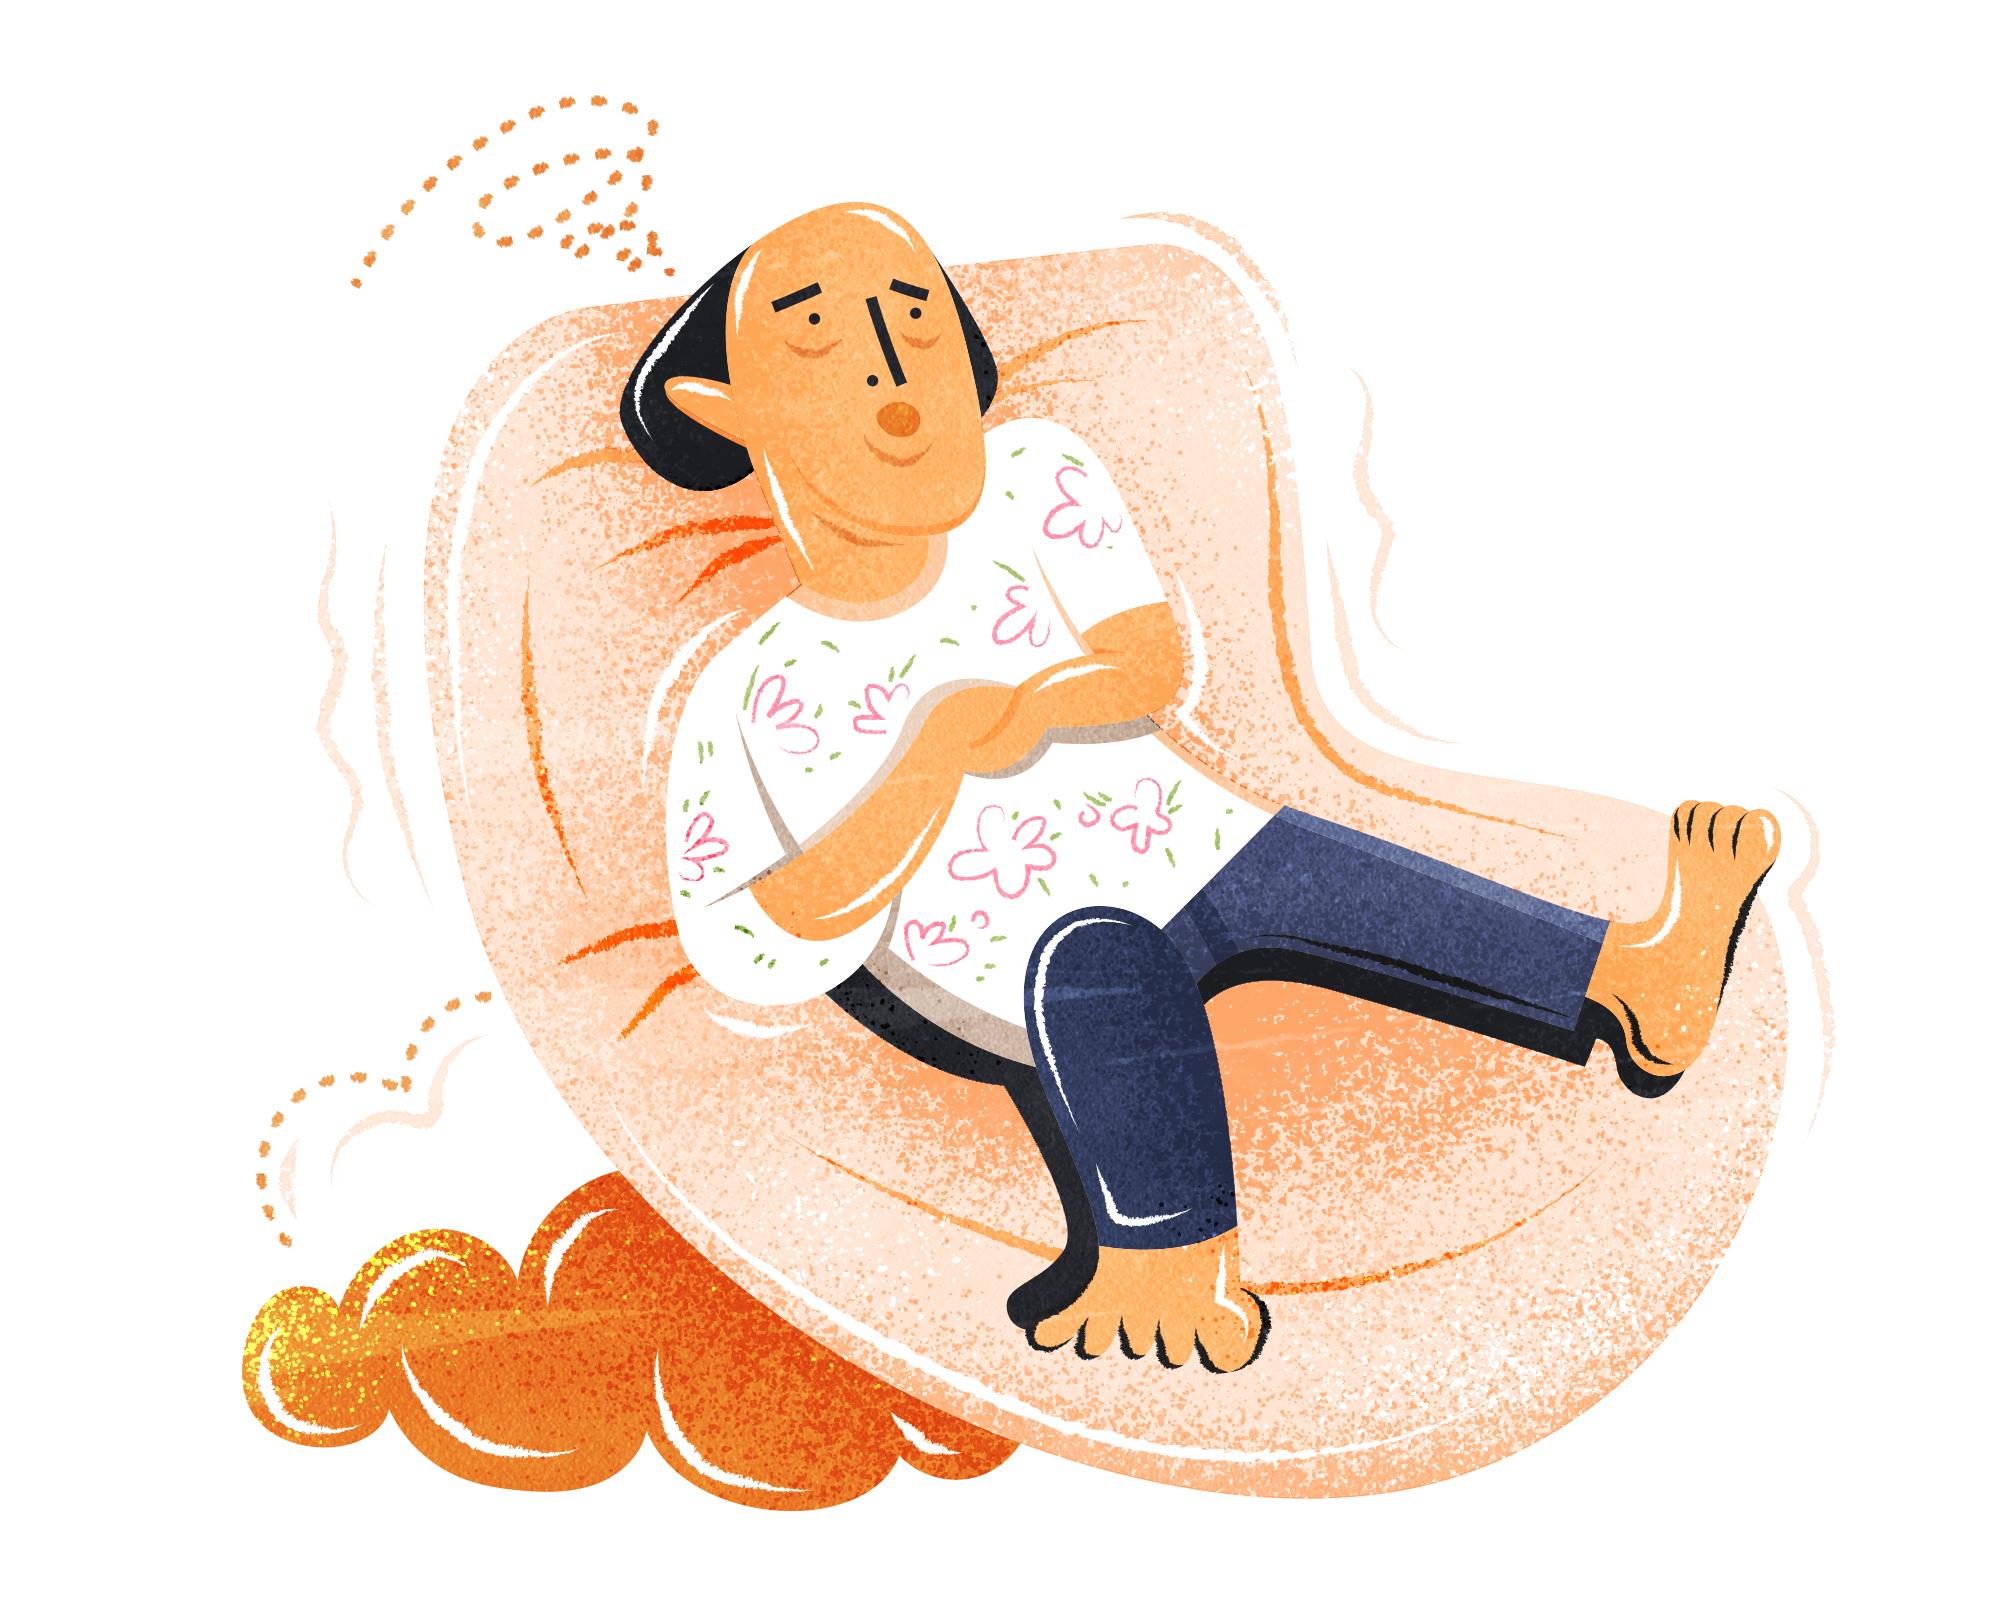 累感不爱 adj. - Being too tired to feel like doing anything.e.g. After one-week of working over time, I really feel 累感不爱.